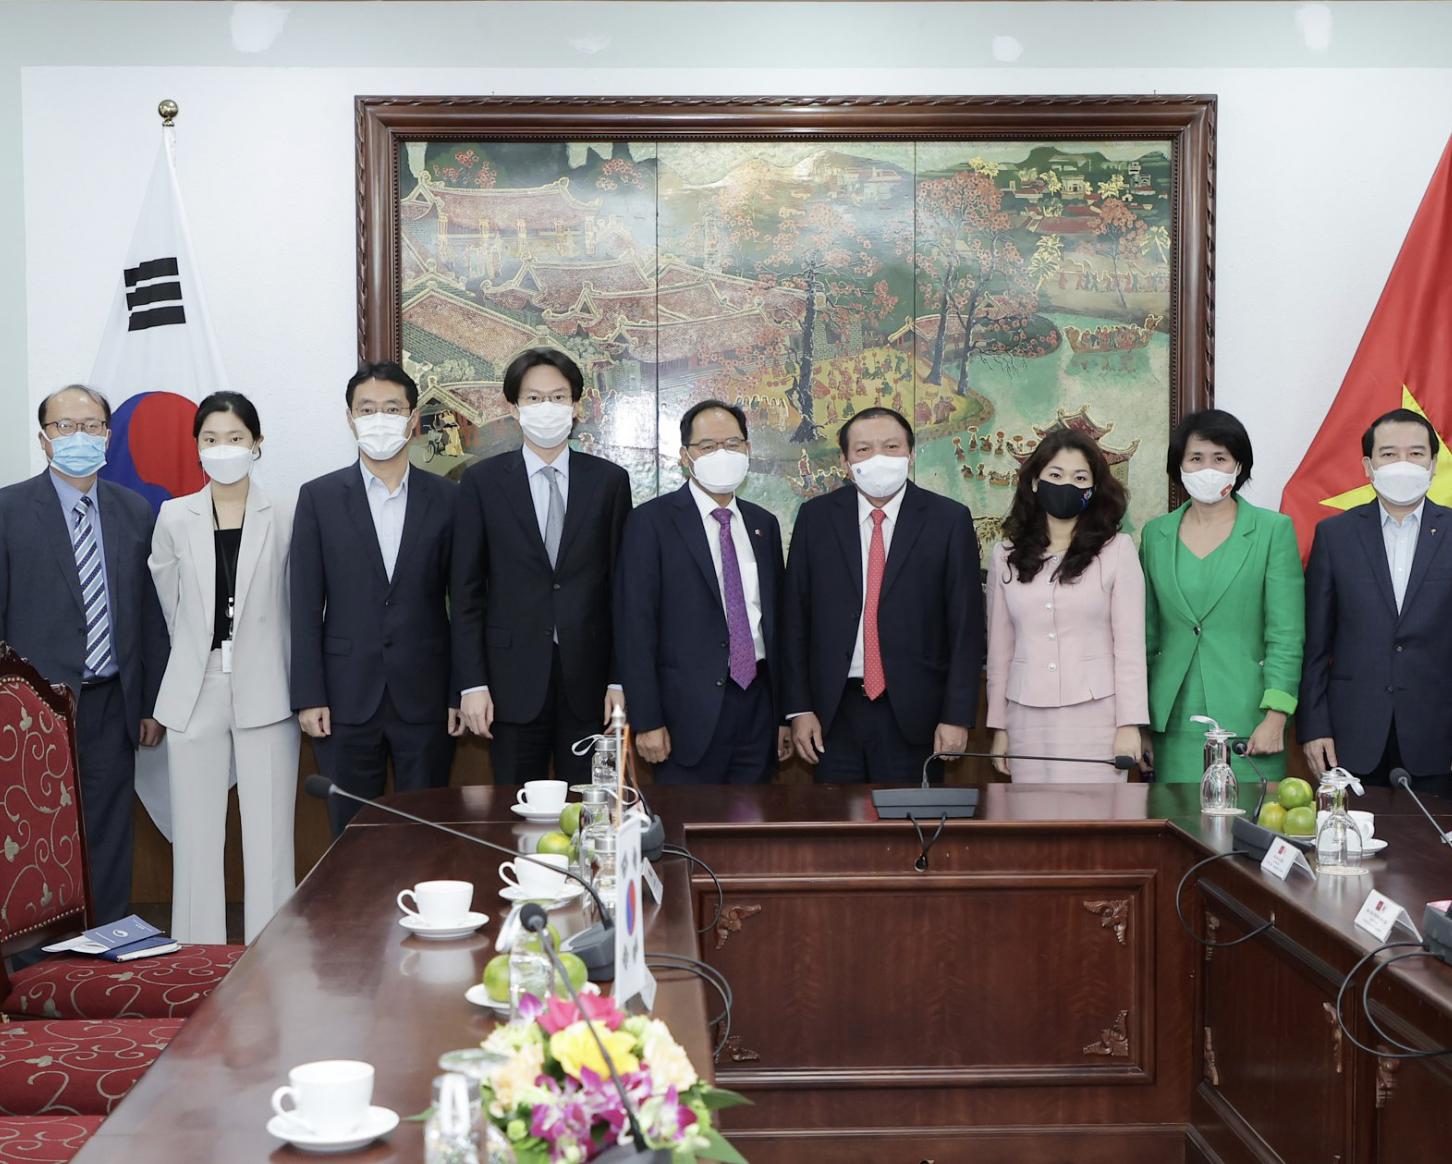 Việt Nam và Hàn Quốc phối hợp tổ chức các hoạt động giao lưu kỷ niệm 30 năm thiết lập quan hệ ngoại Việt Nam – Hàn Quốc năm 2022